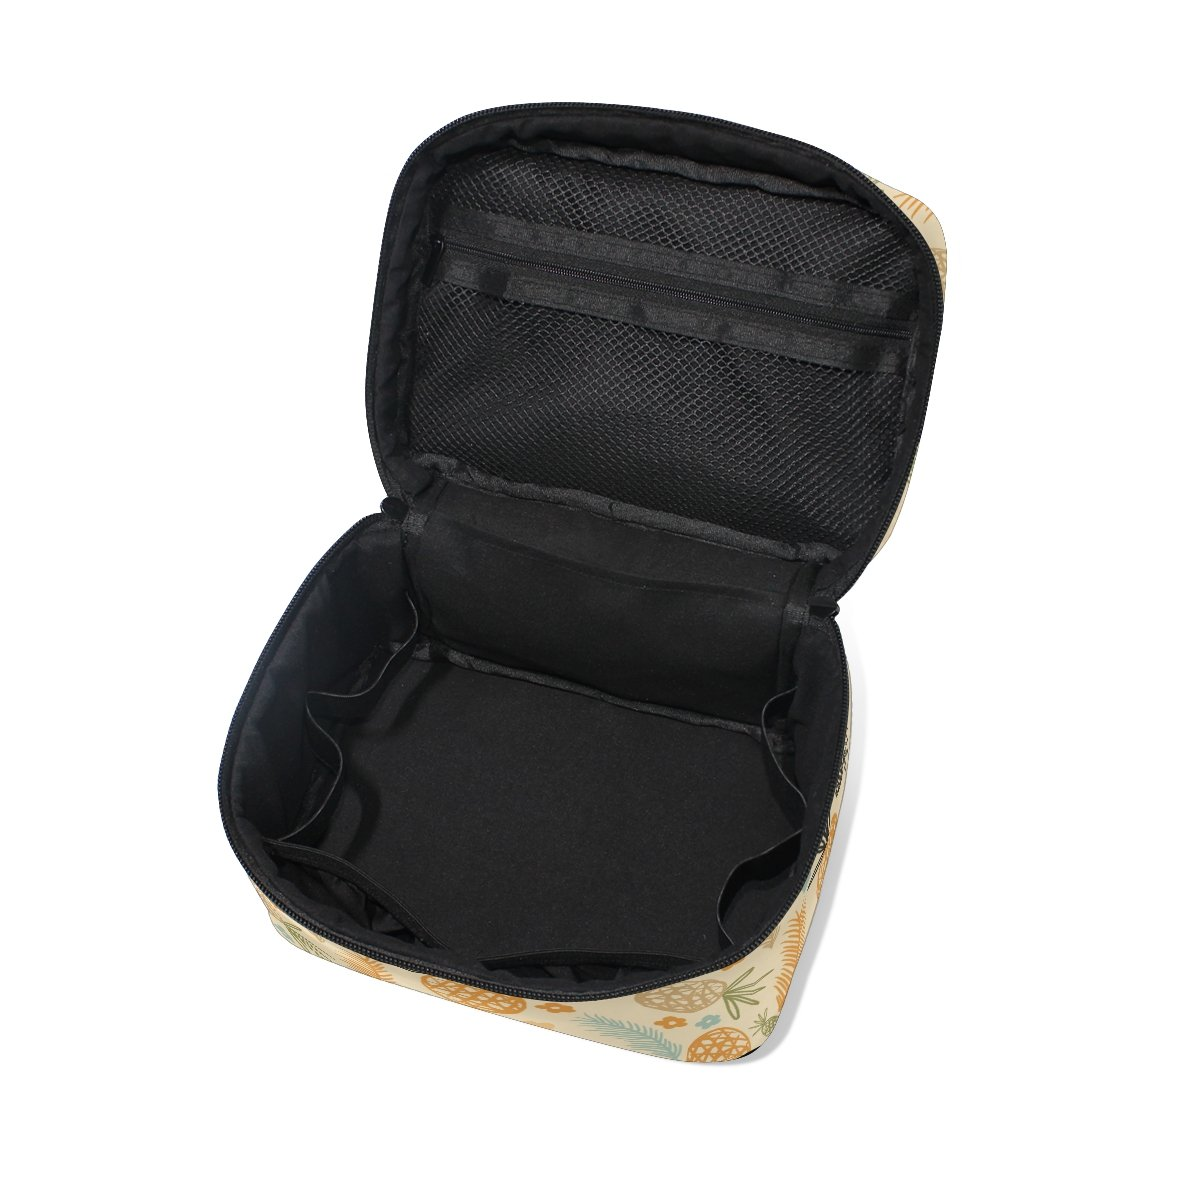 Amazon.com: Maquillaje bolsa de piña pintura de viaje bolsas ...